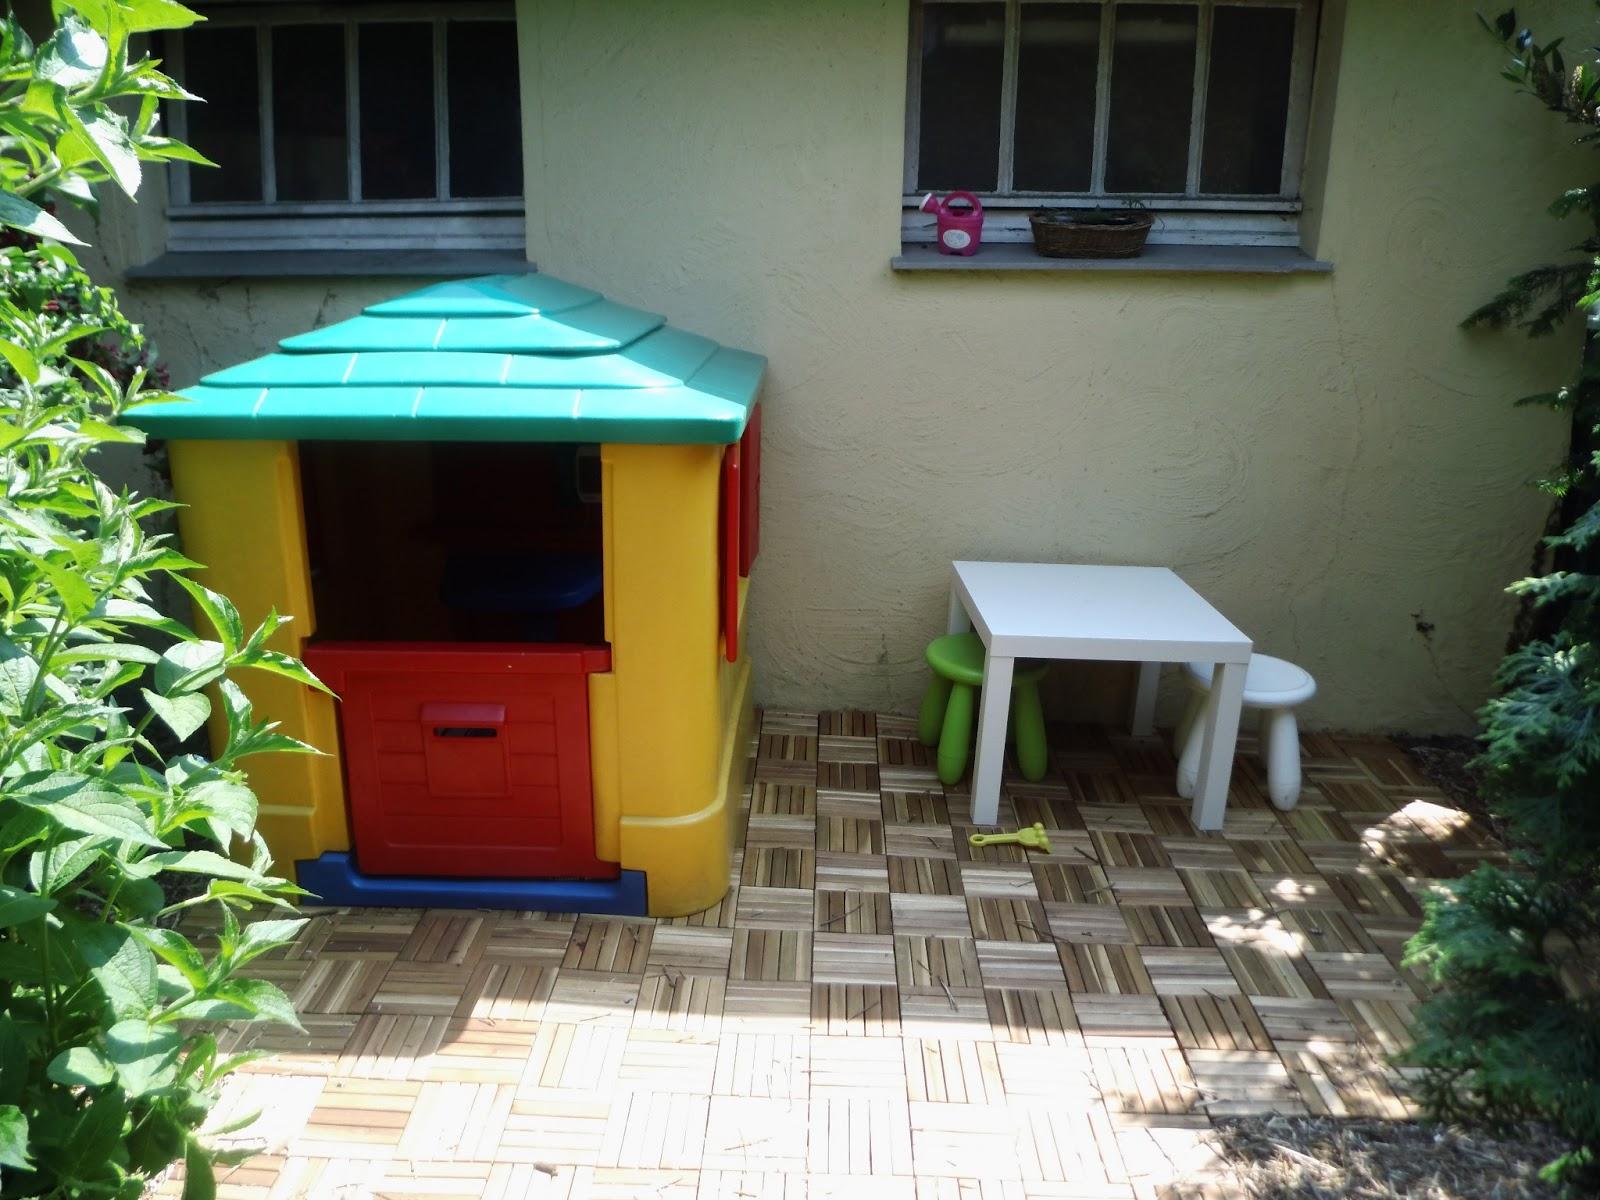 mein erfolgreiches kleines familienunternehmen eine. Black Bedroom Furniture Sets. Home Design Ideas